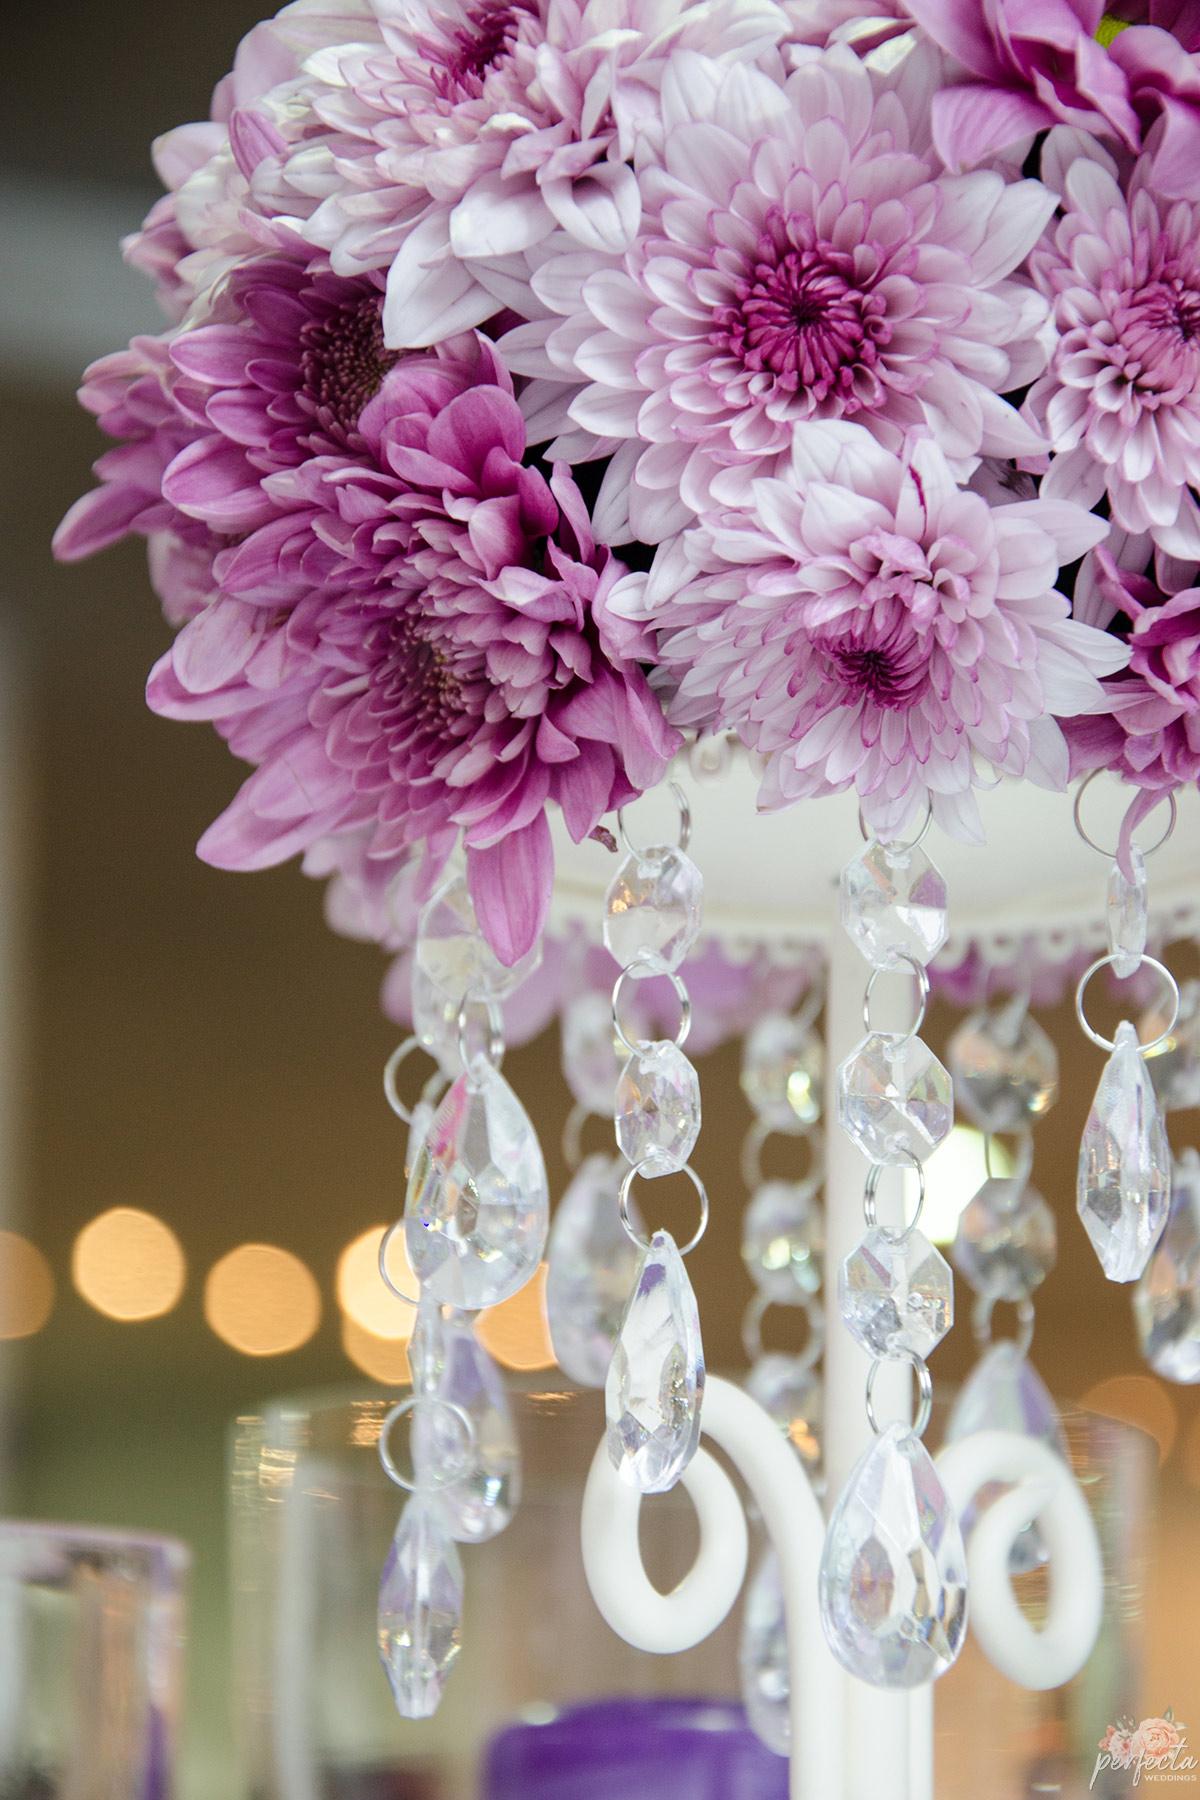 Сватби на морето, сватбени украси, сватби в Бургас, сватби по Черноморието, 2020